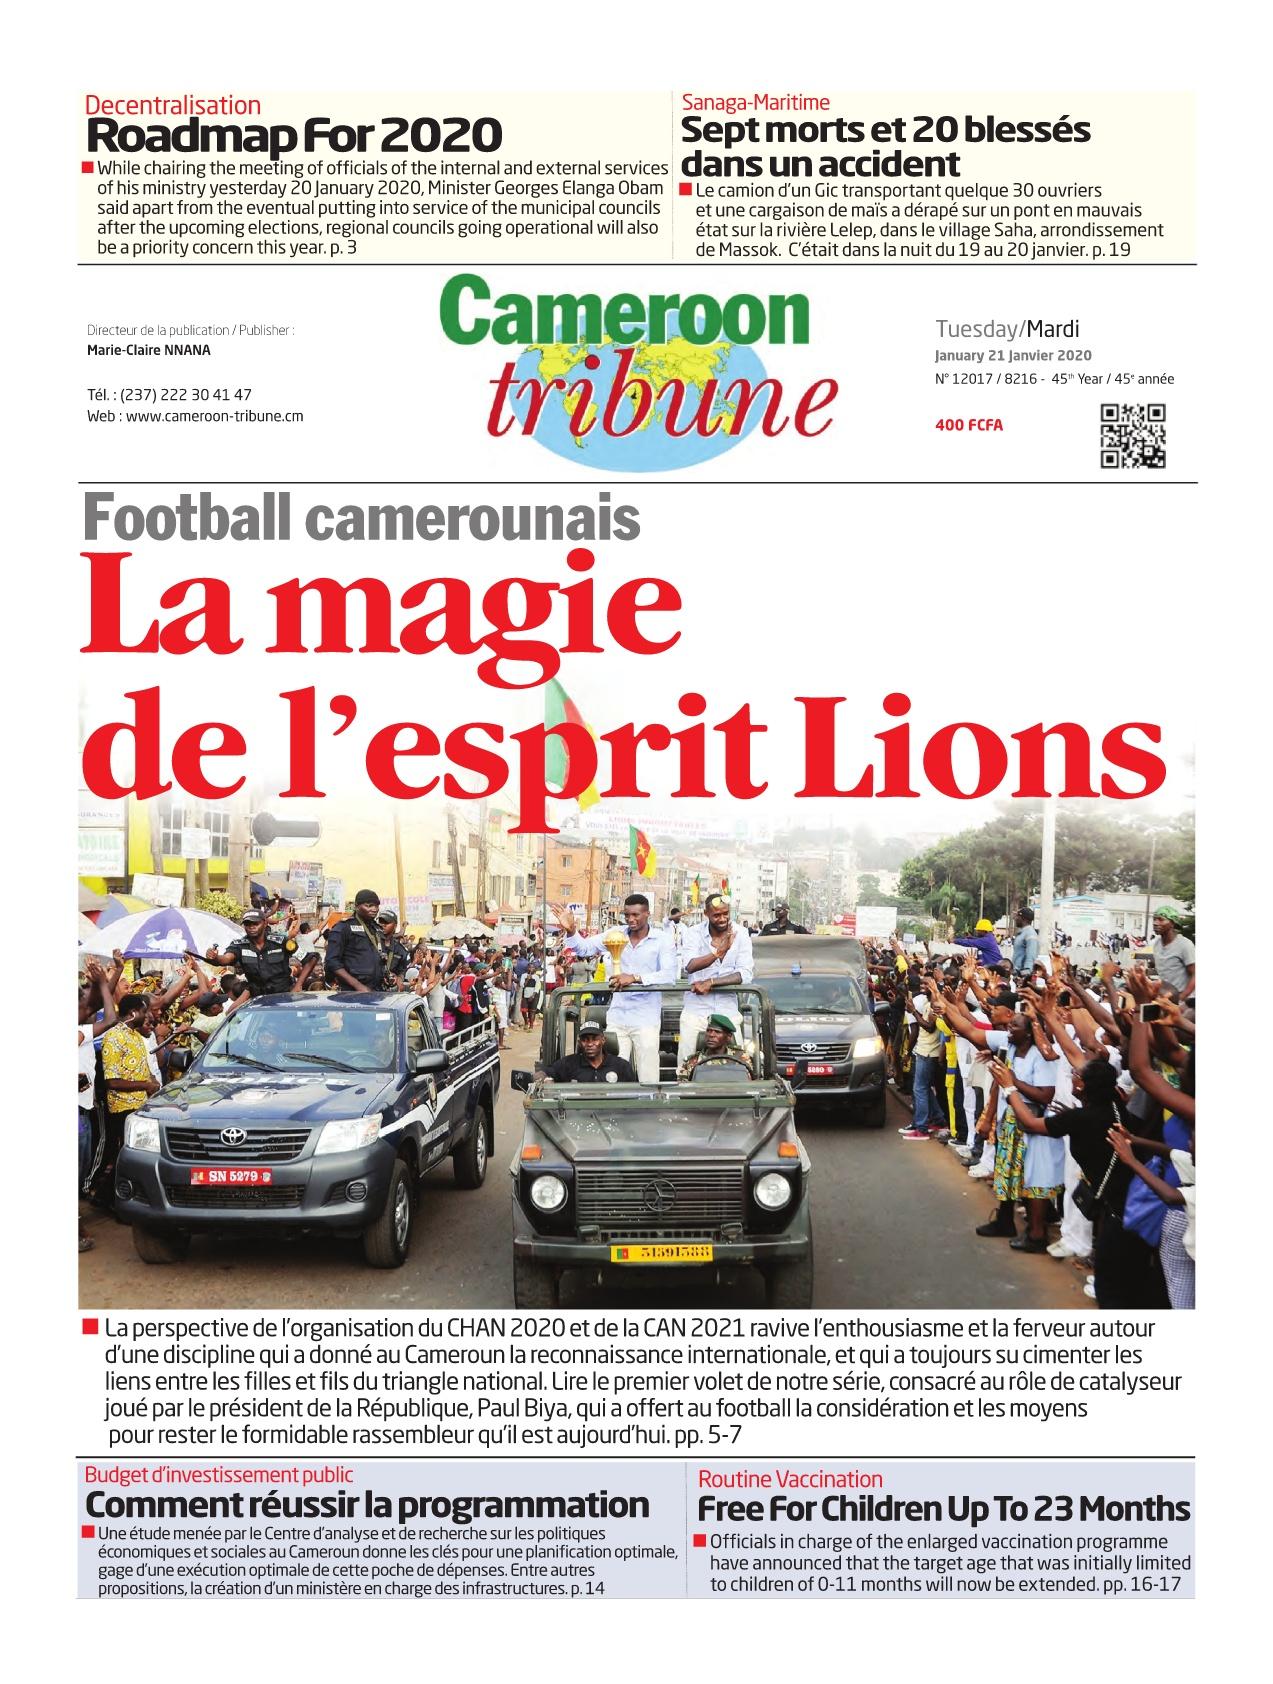 Cameroon Tribune - 21/01/2020